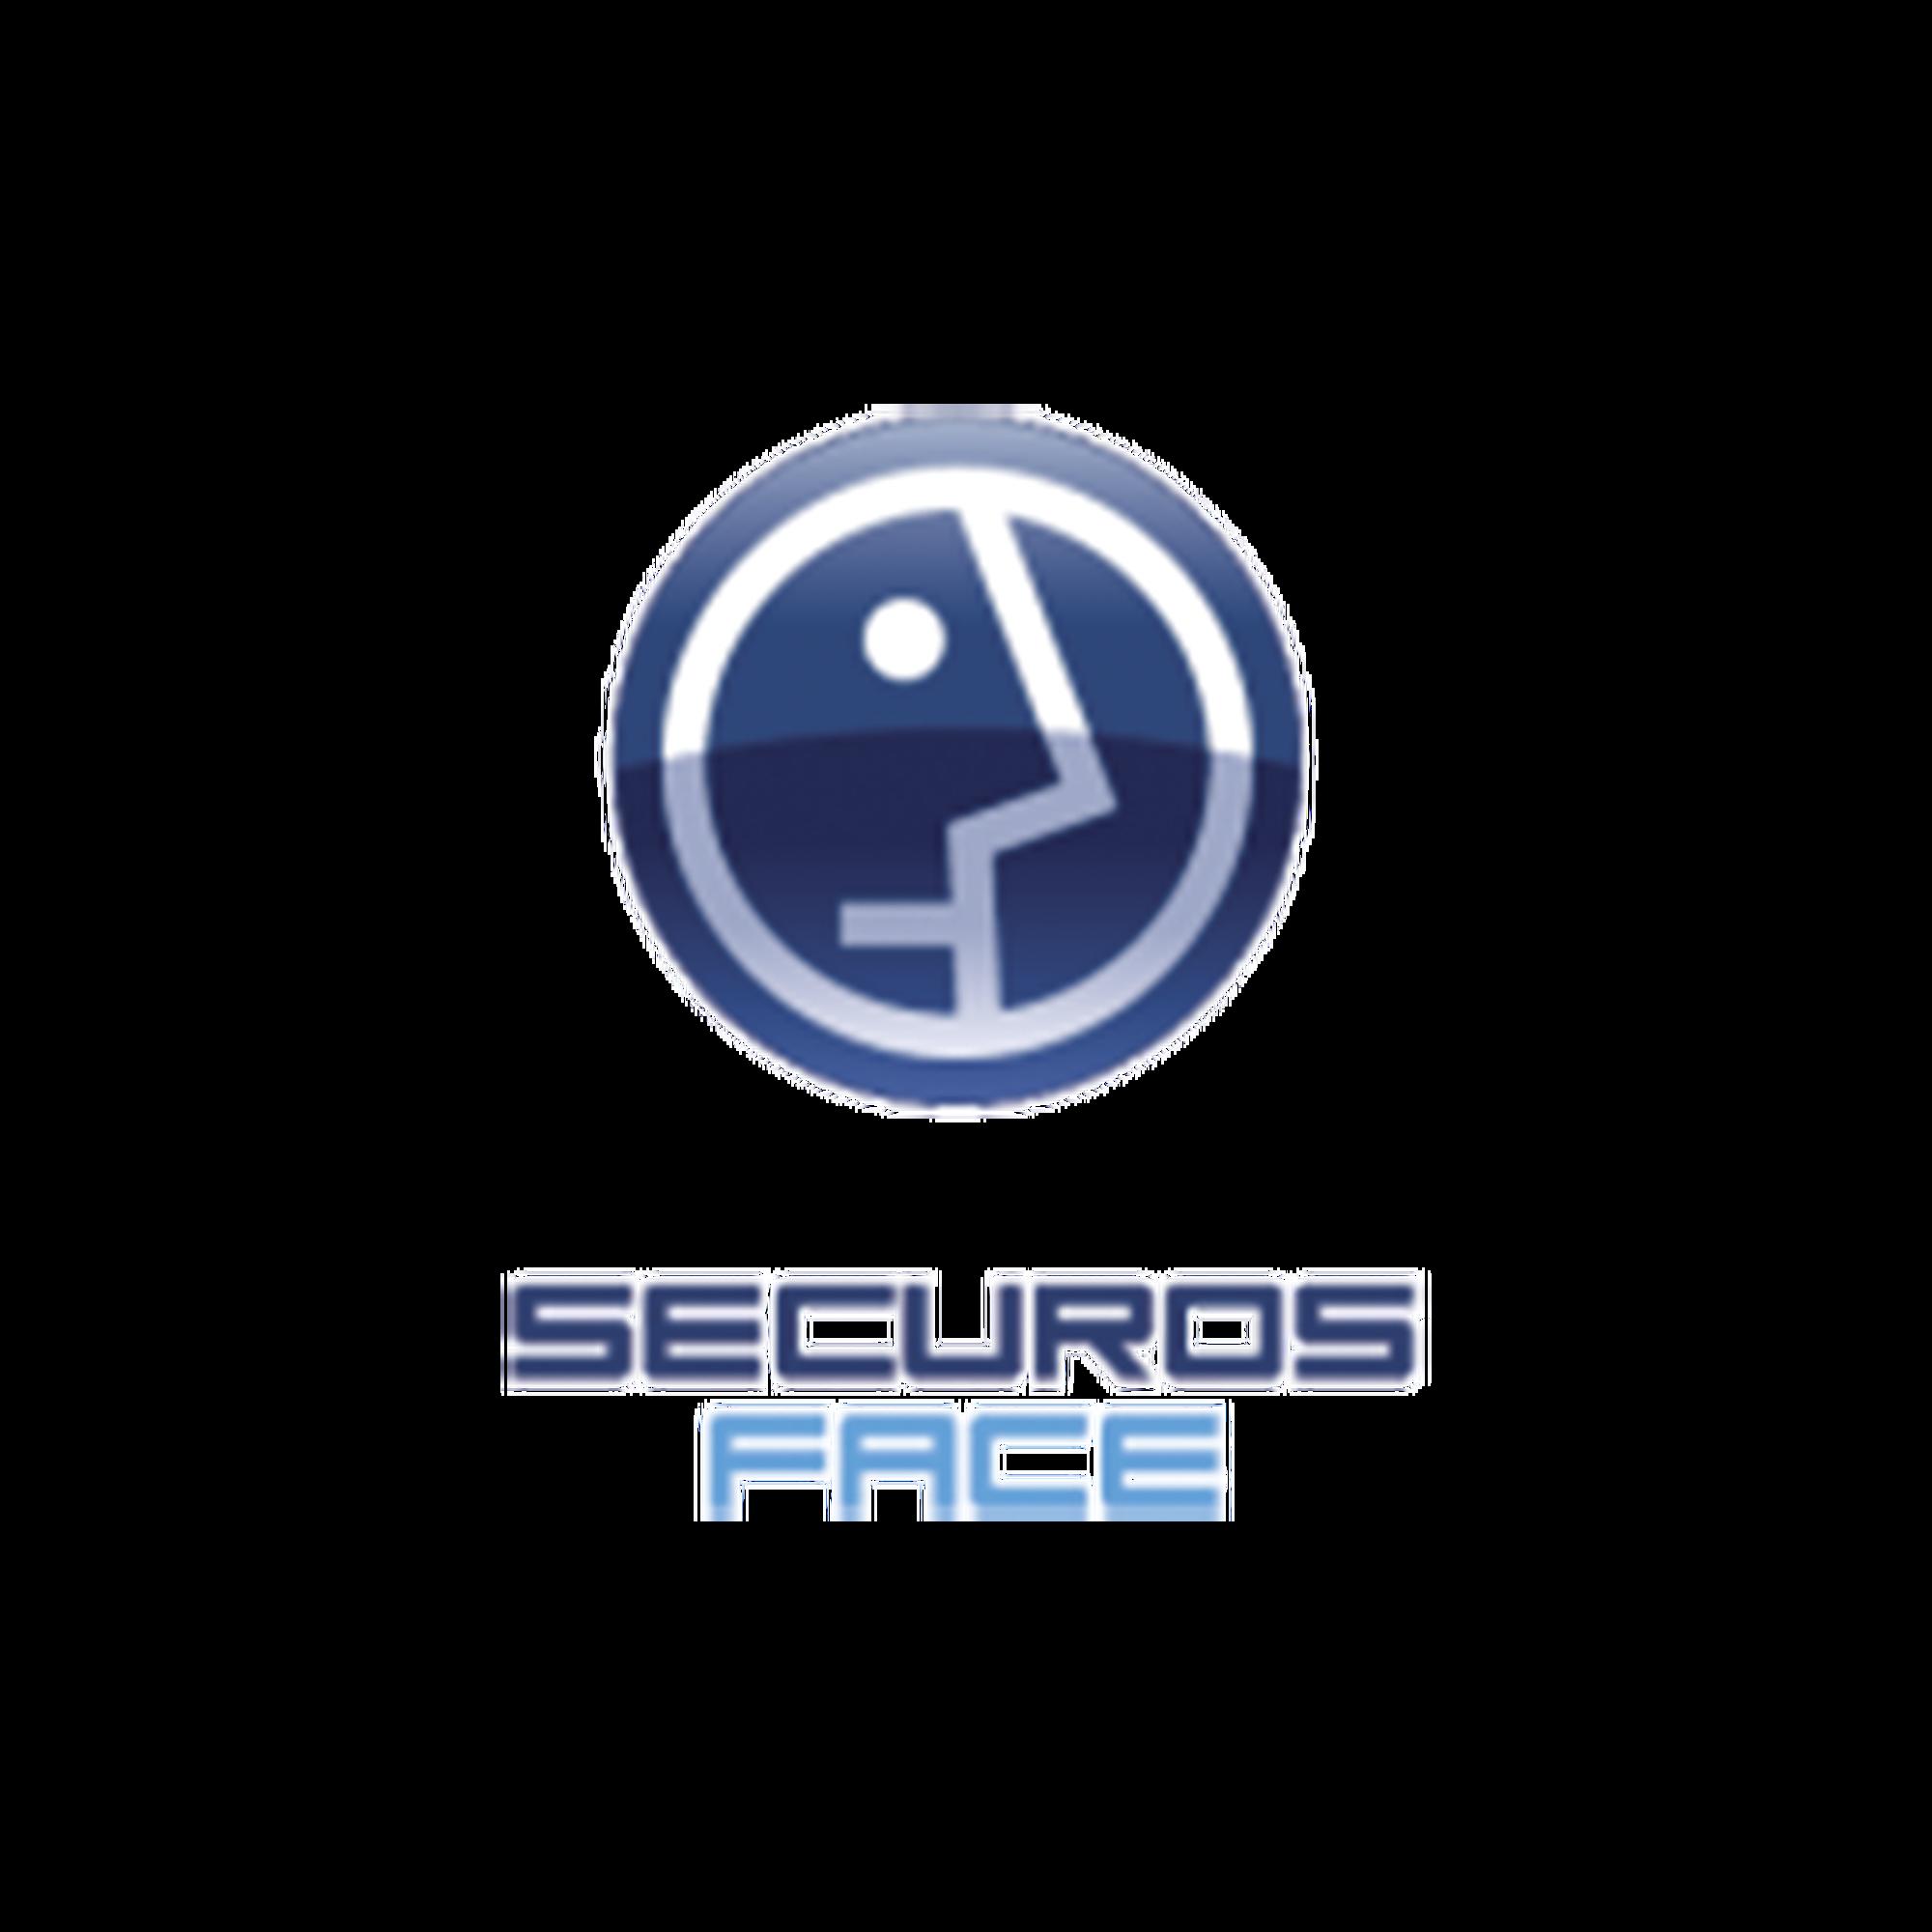 Licencia de Reconocimiento Facial SecureOS-FACE para 5000 Perfiles de  Personas en  Base de Datos